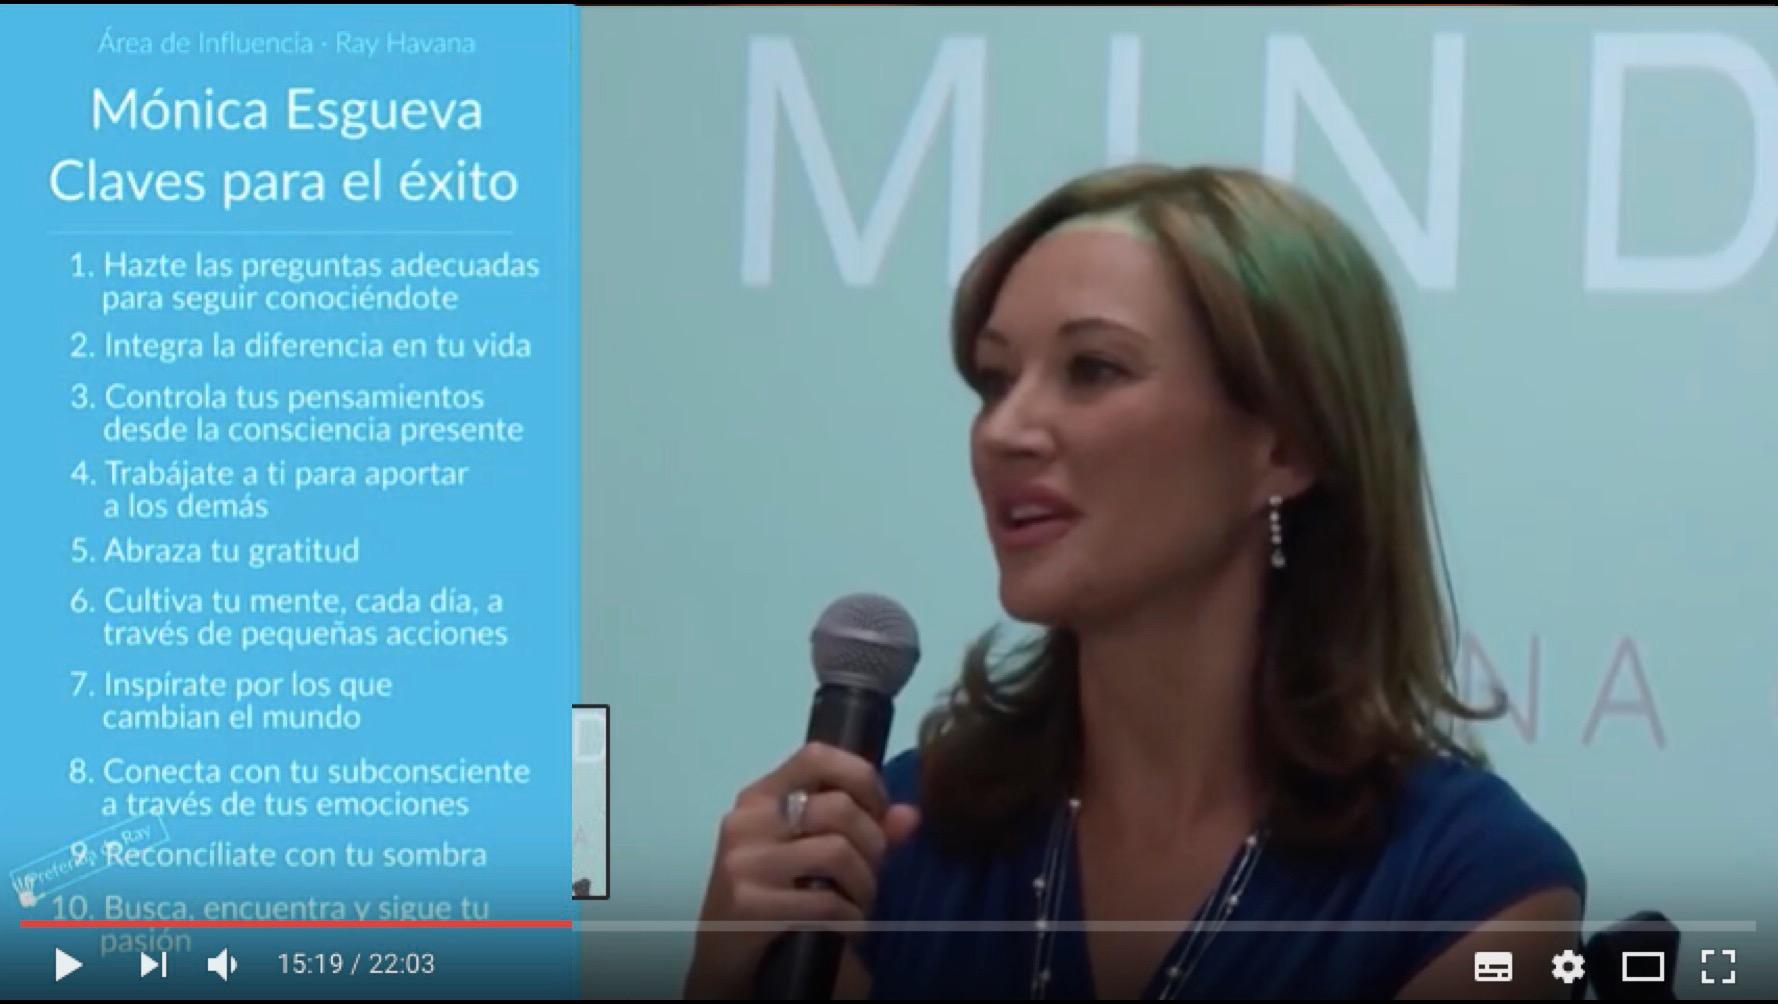 «Mindfulness: base de la paciencia, serenidad y equilibrio», video por Ray Havana